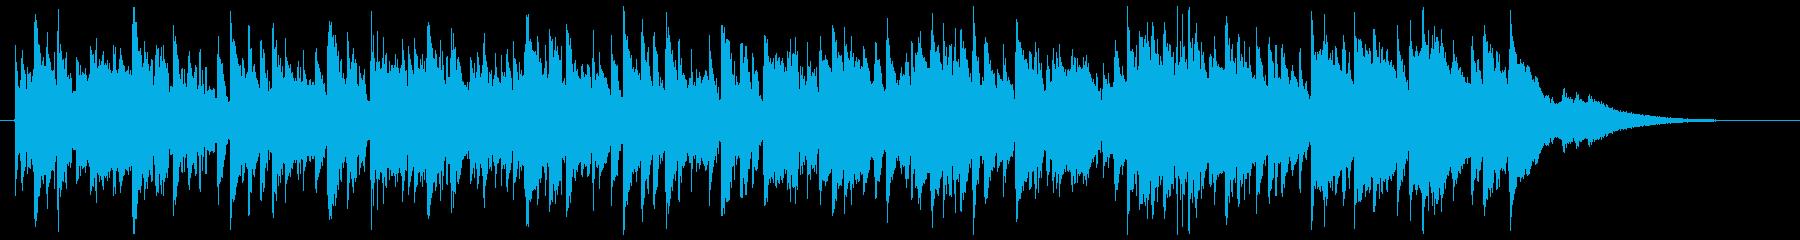 タンゴ サンバ ほのぼの 幸せ ド...の再生済みの波形